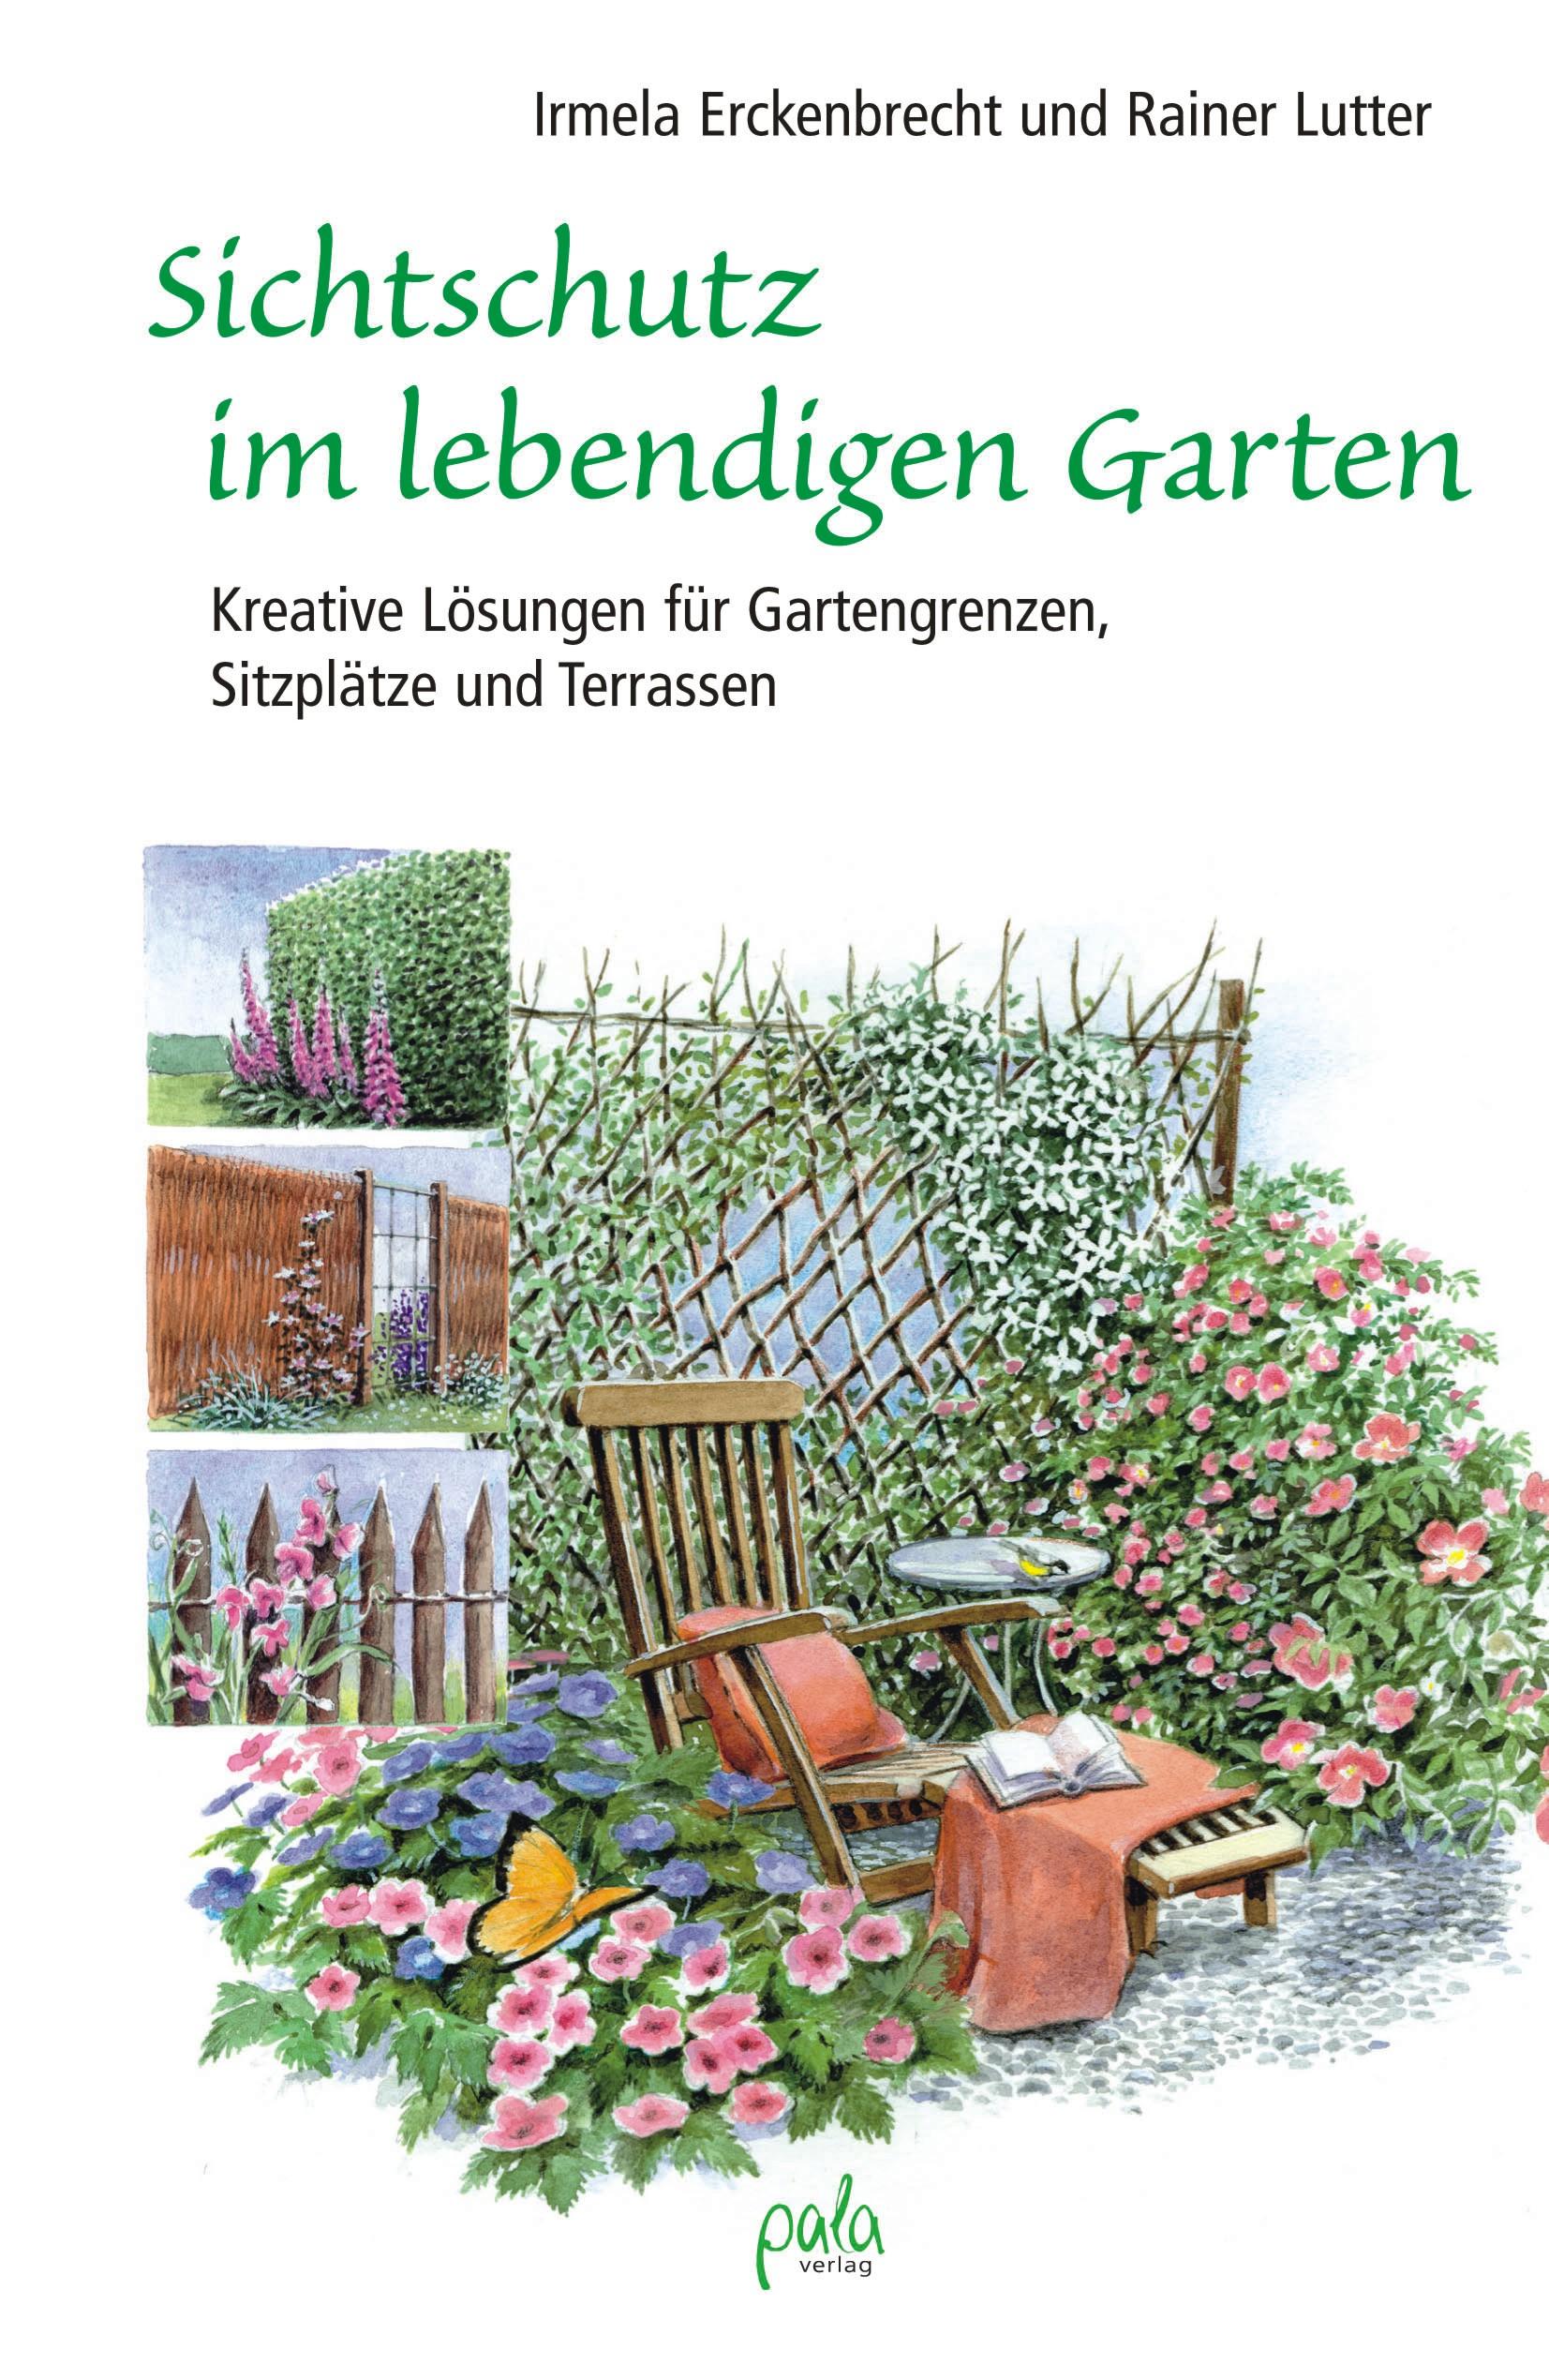 9783895662683 Sichtschutz im lebendigen Garten